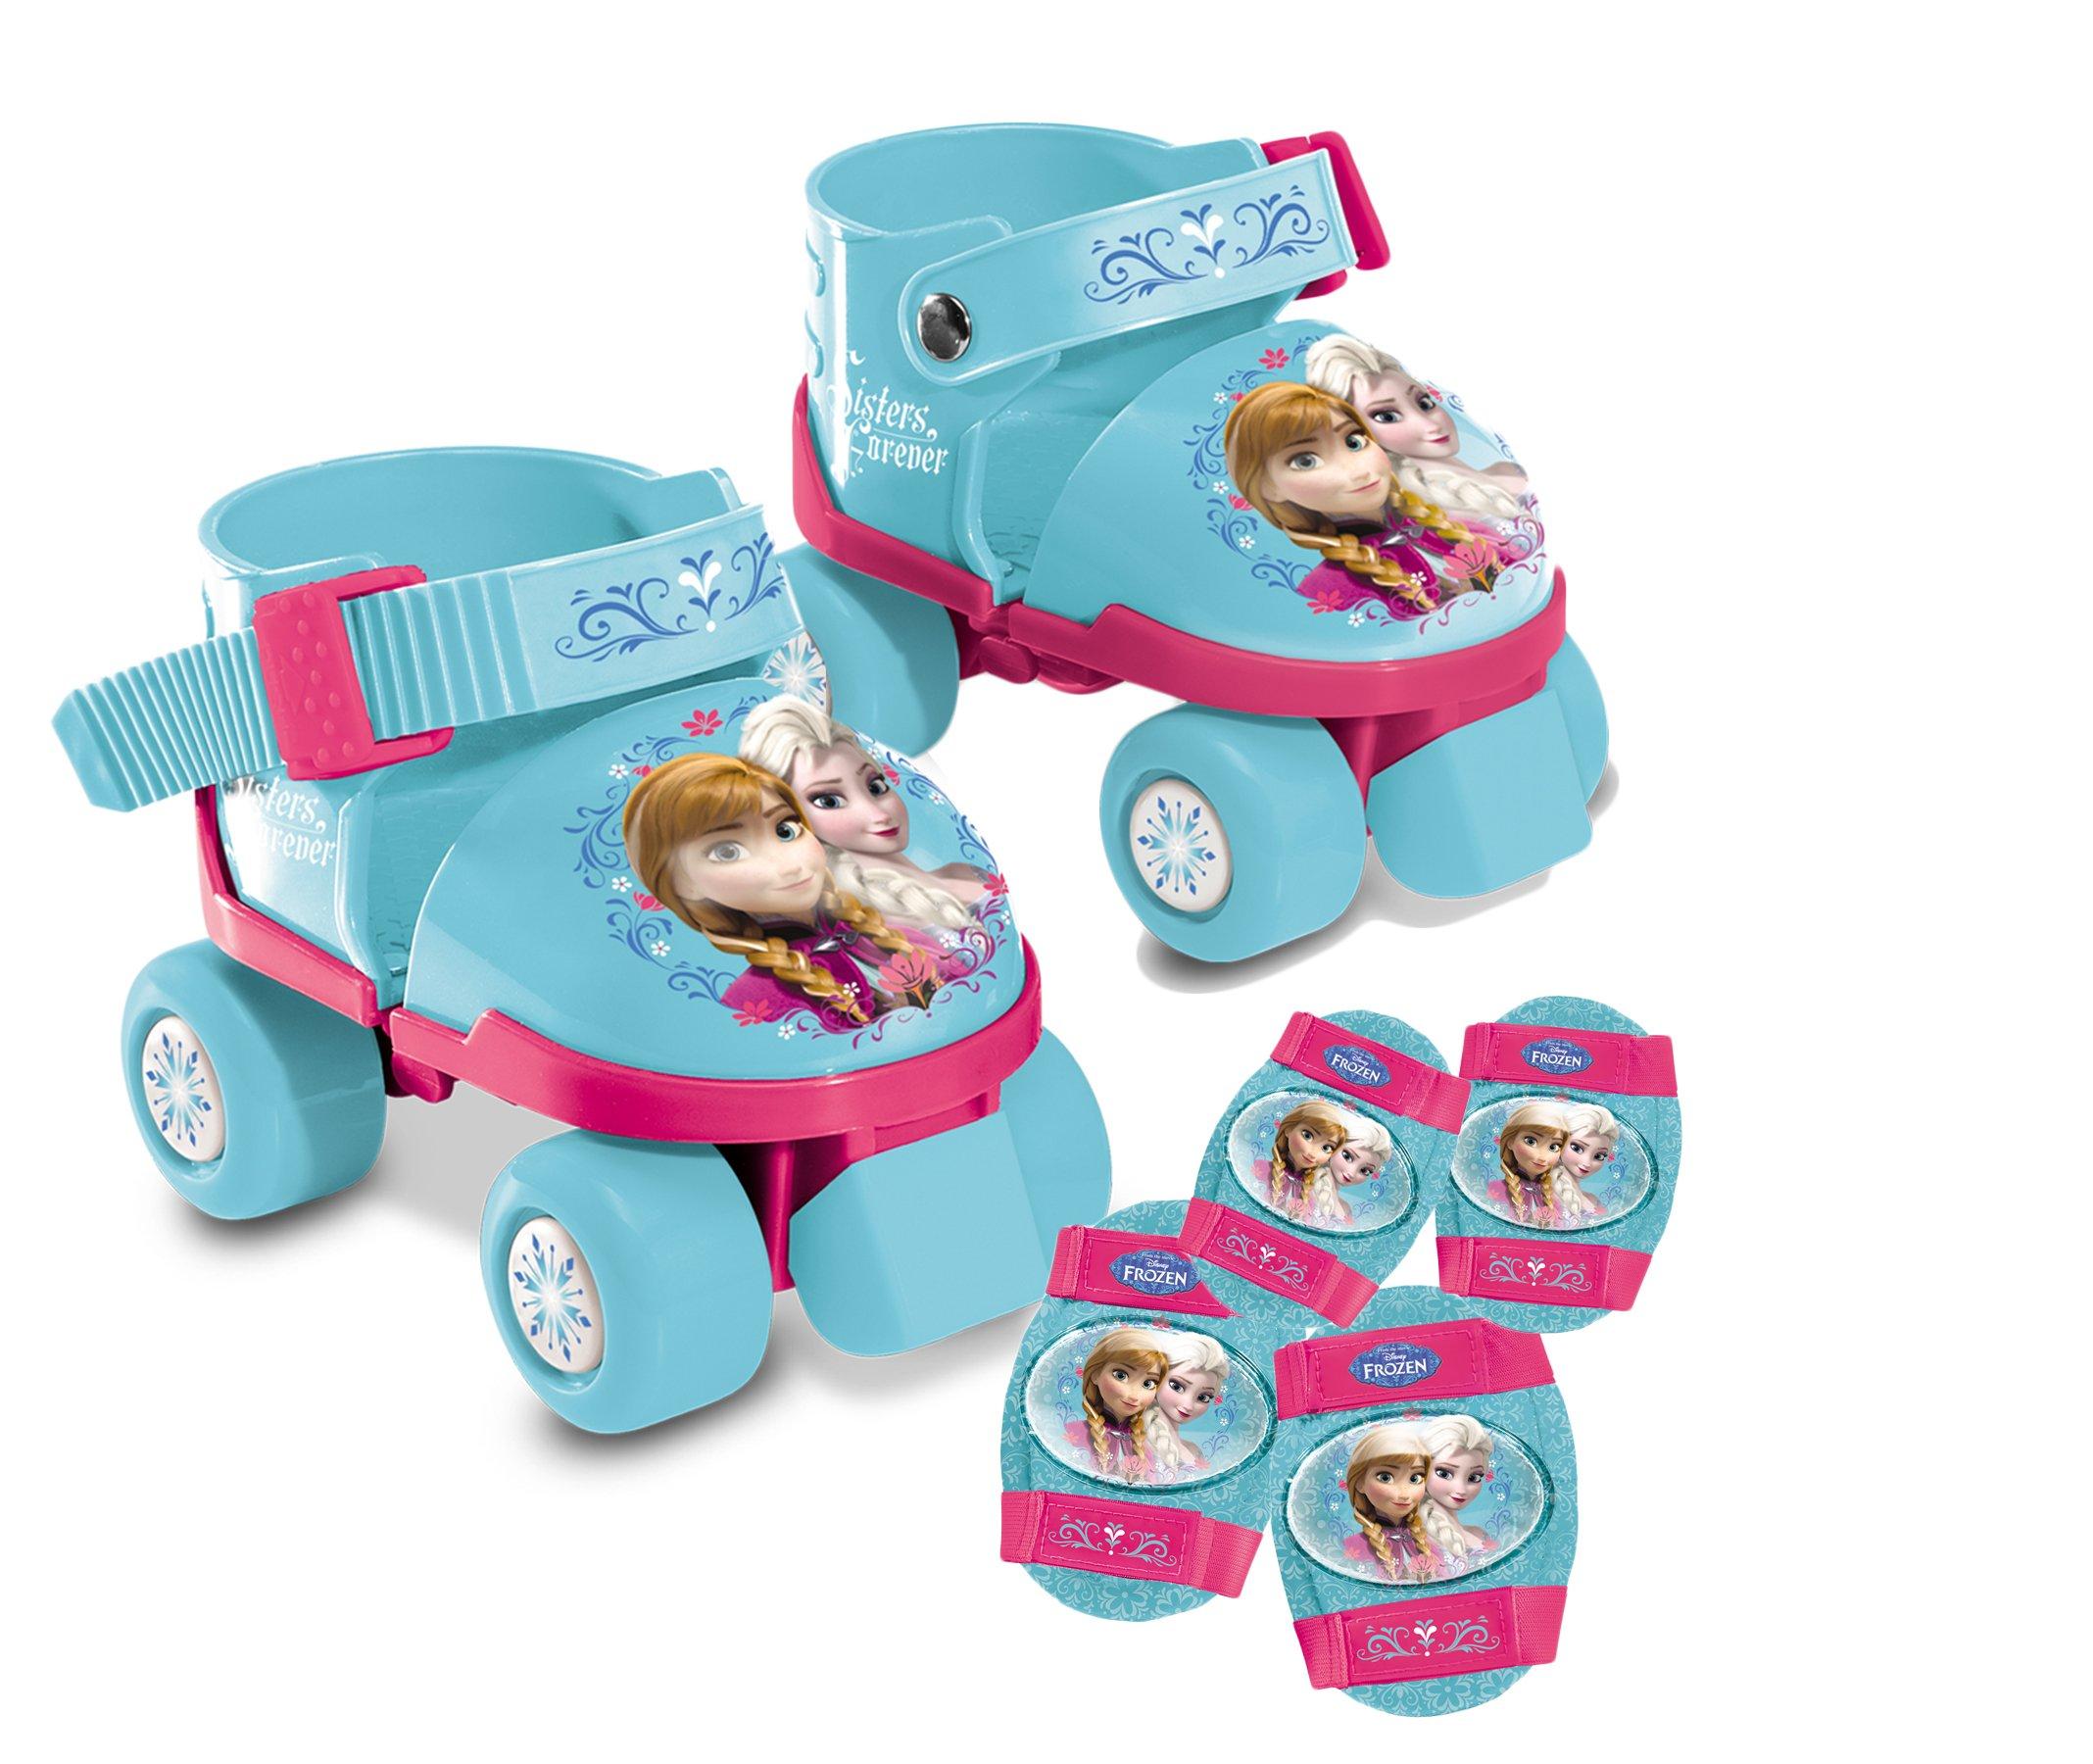 mondo - 28298.0 - Set de Roller Skate + Protections La Reine des Neiges product image